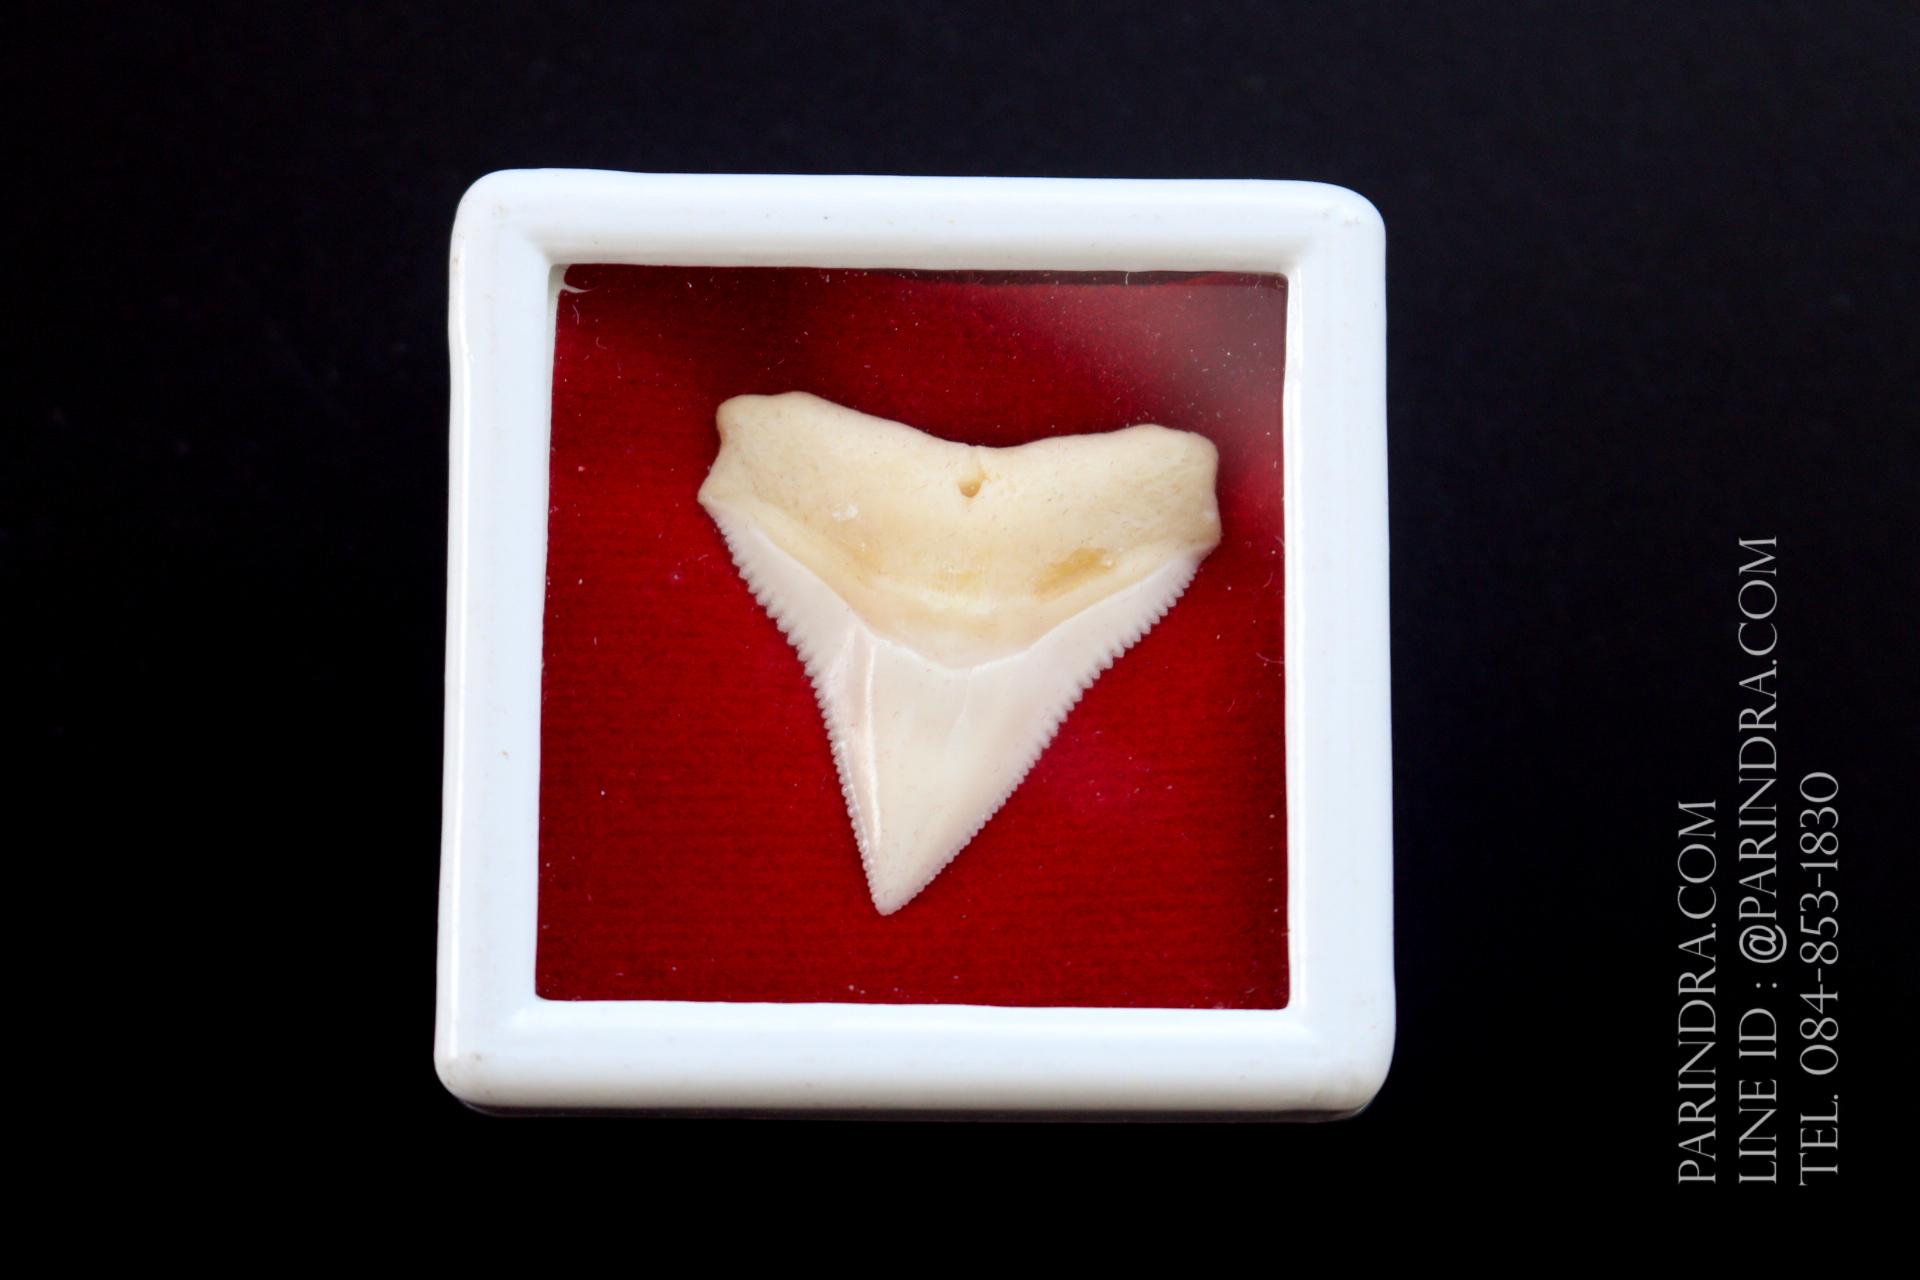 ซี่ฟันปลาฉลามขาวแท้ Shark Tooth ขนาดประมาณ 2.5 cm. ST004